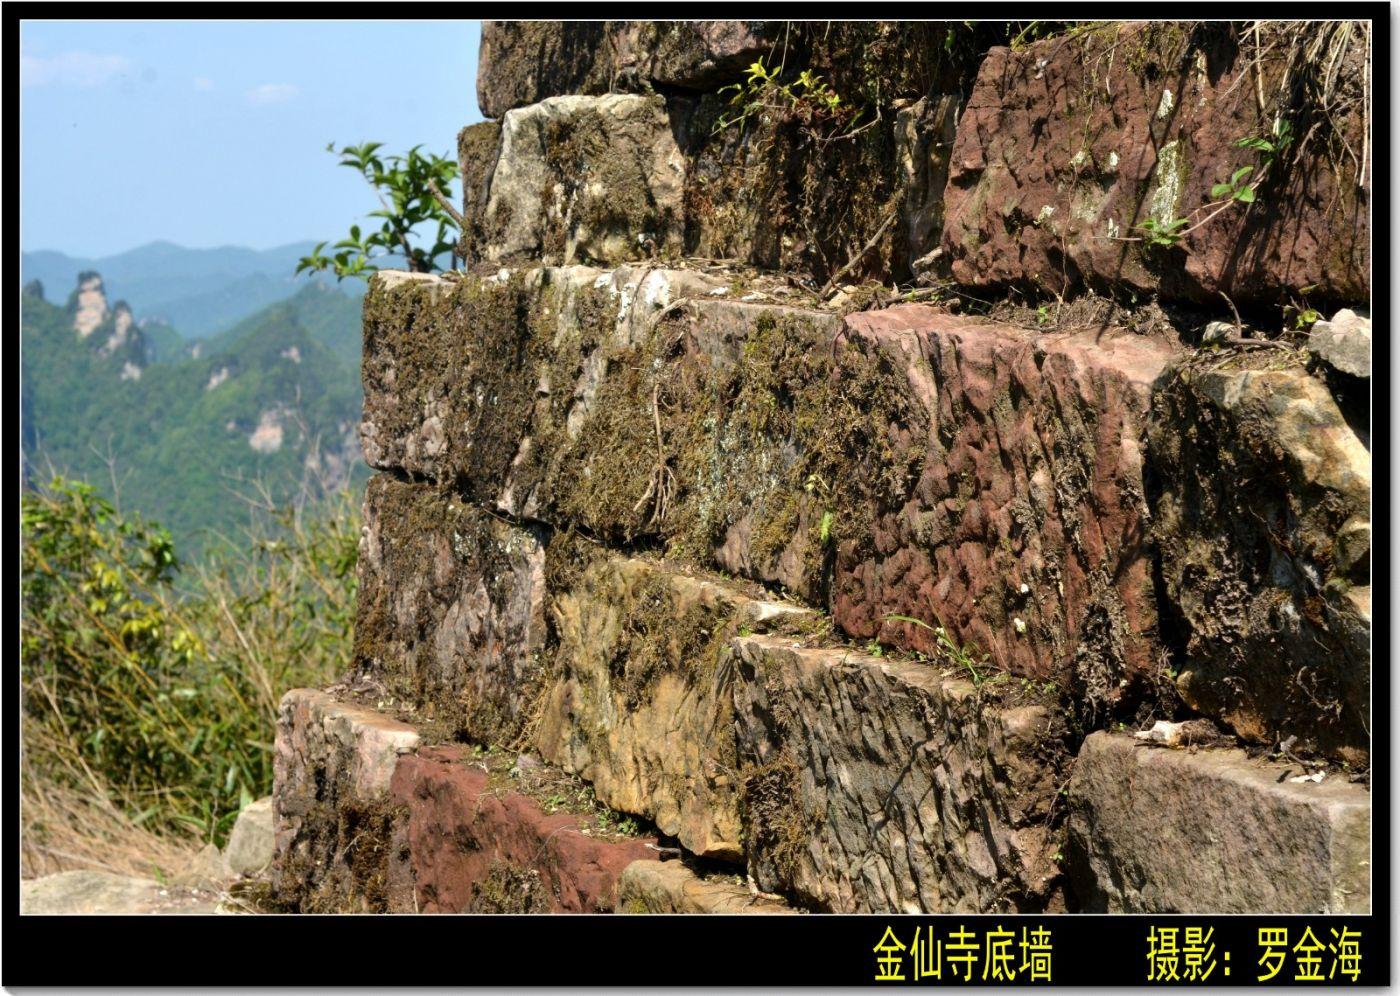 金仙寺游记·七律(上)_图1-13